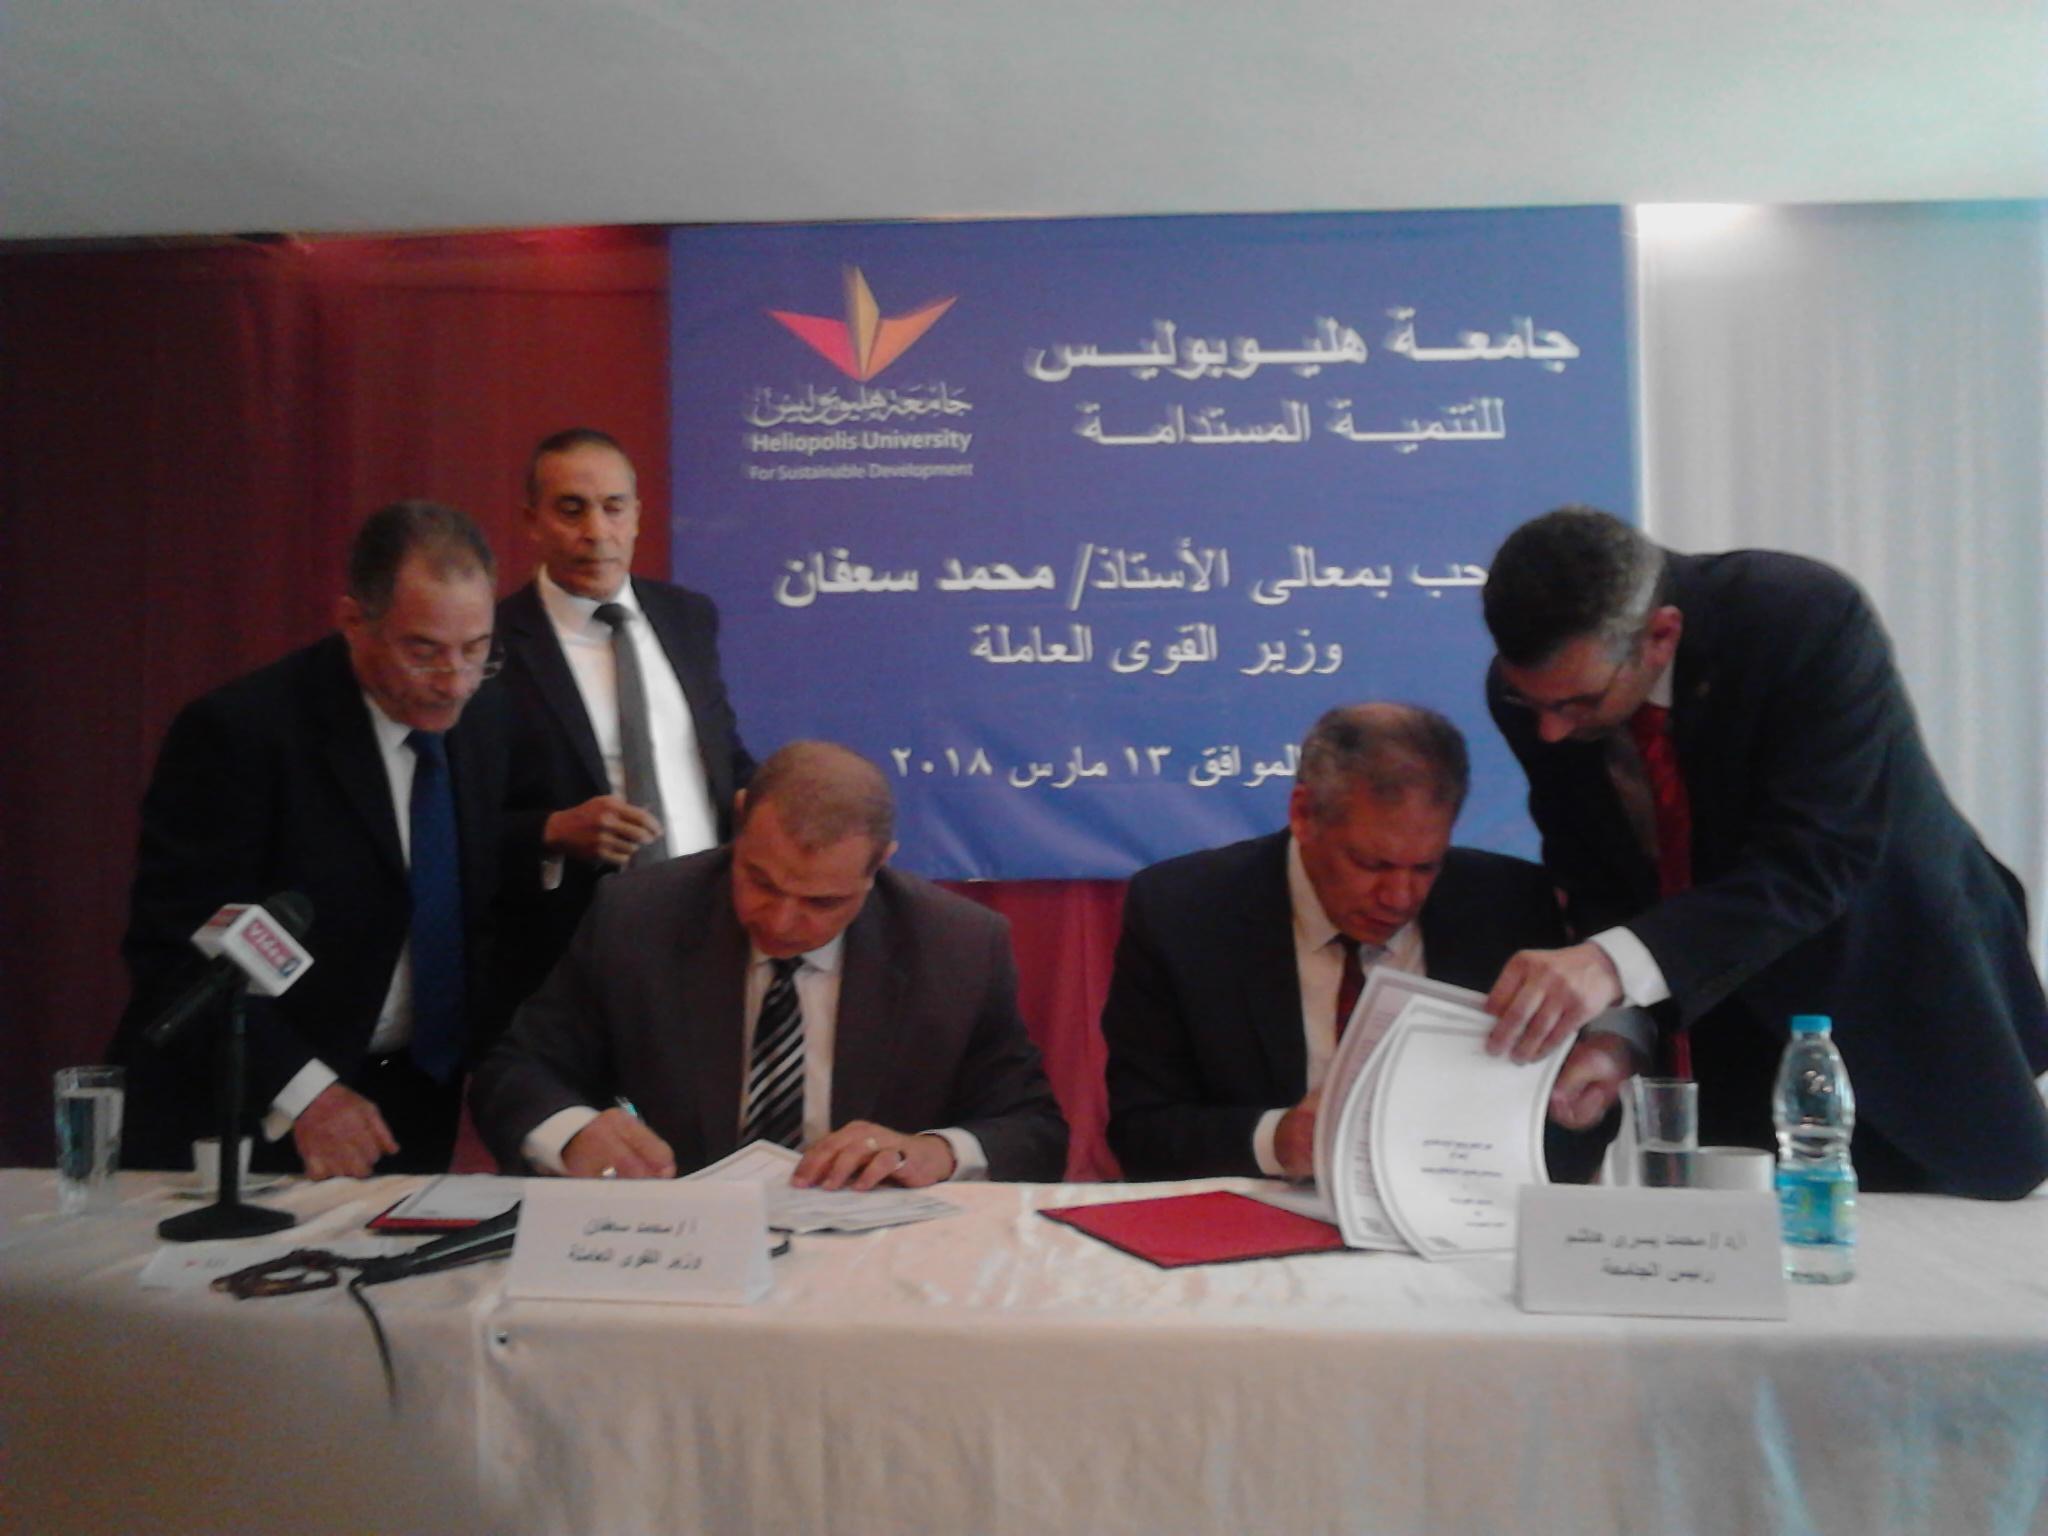 توقيع بروتوكولى تعاون بين القوى العاملة وجامعة هوليوبوليس  (2)